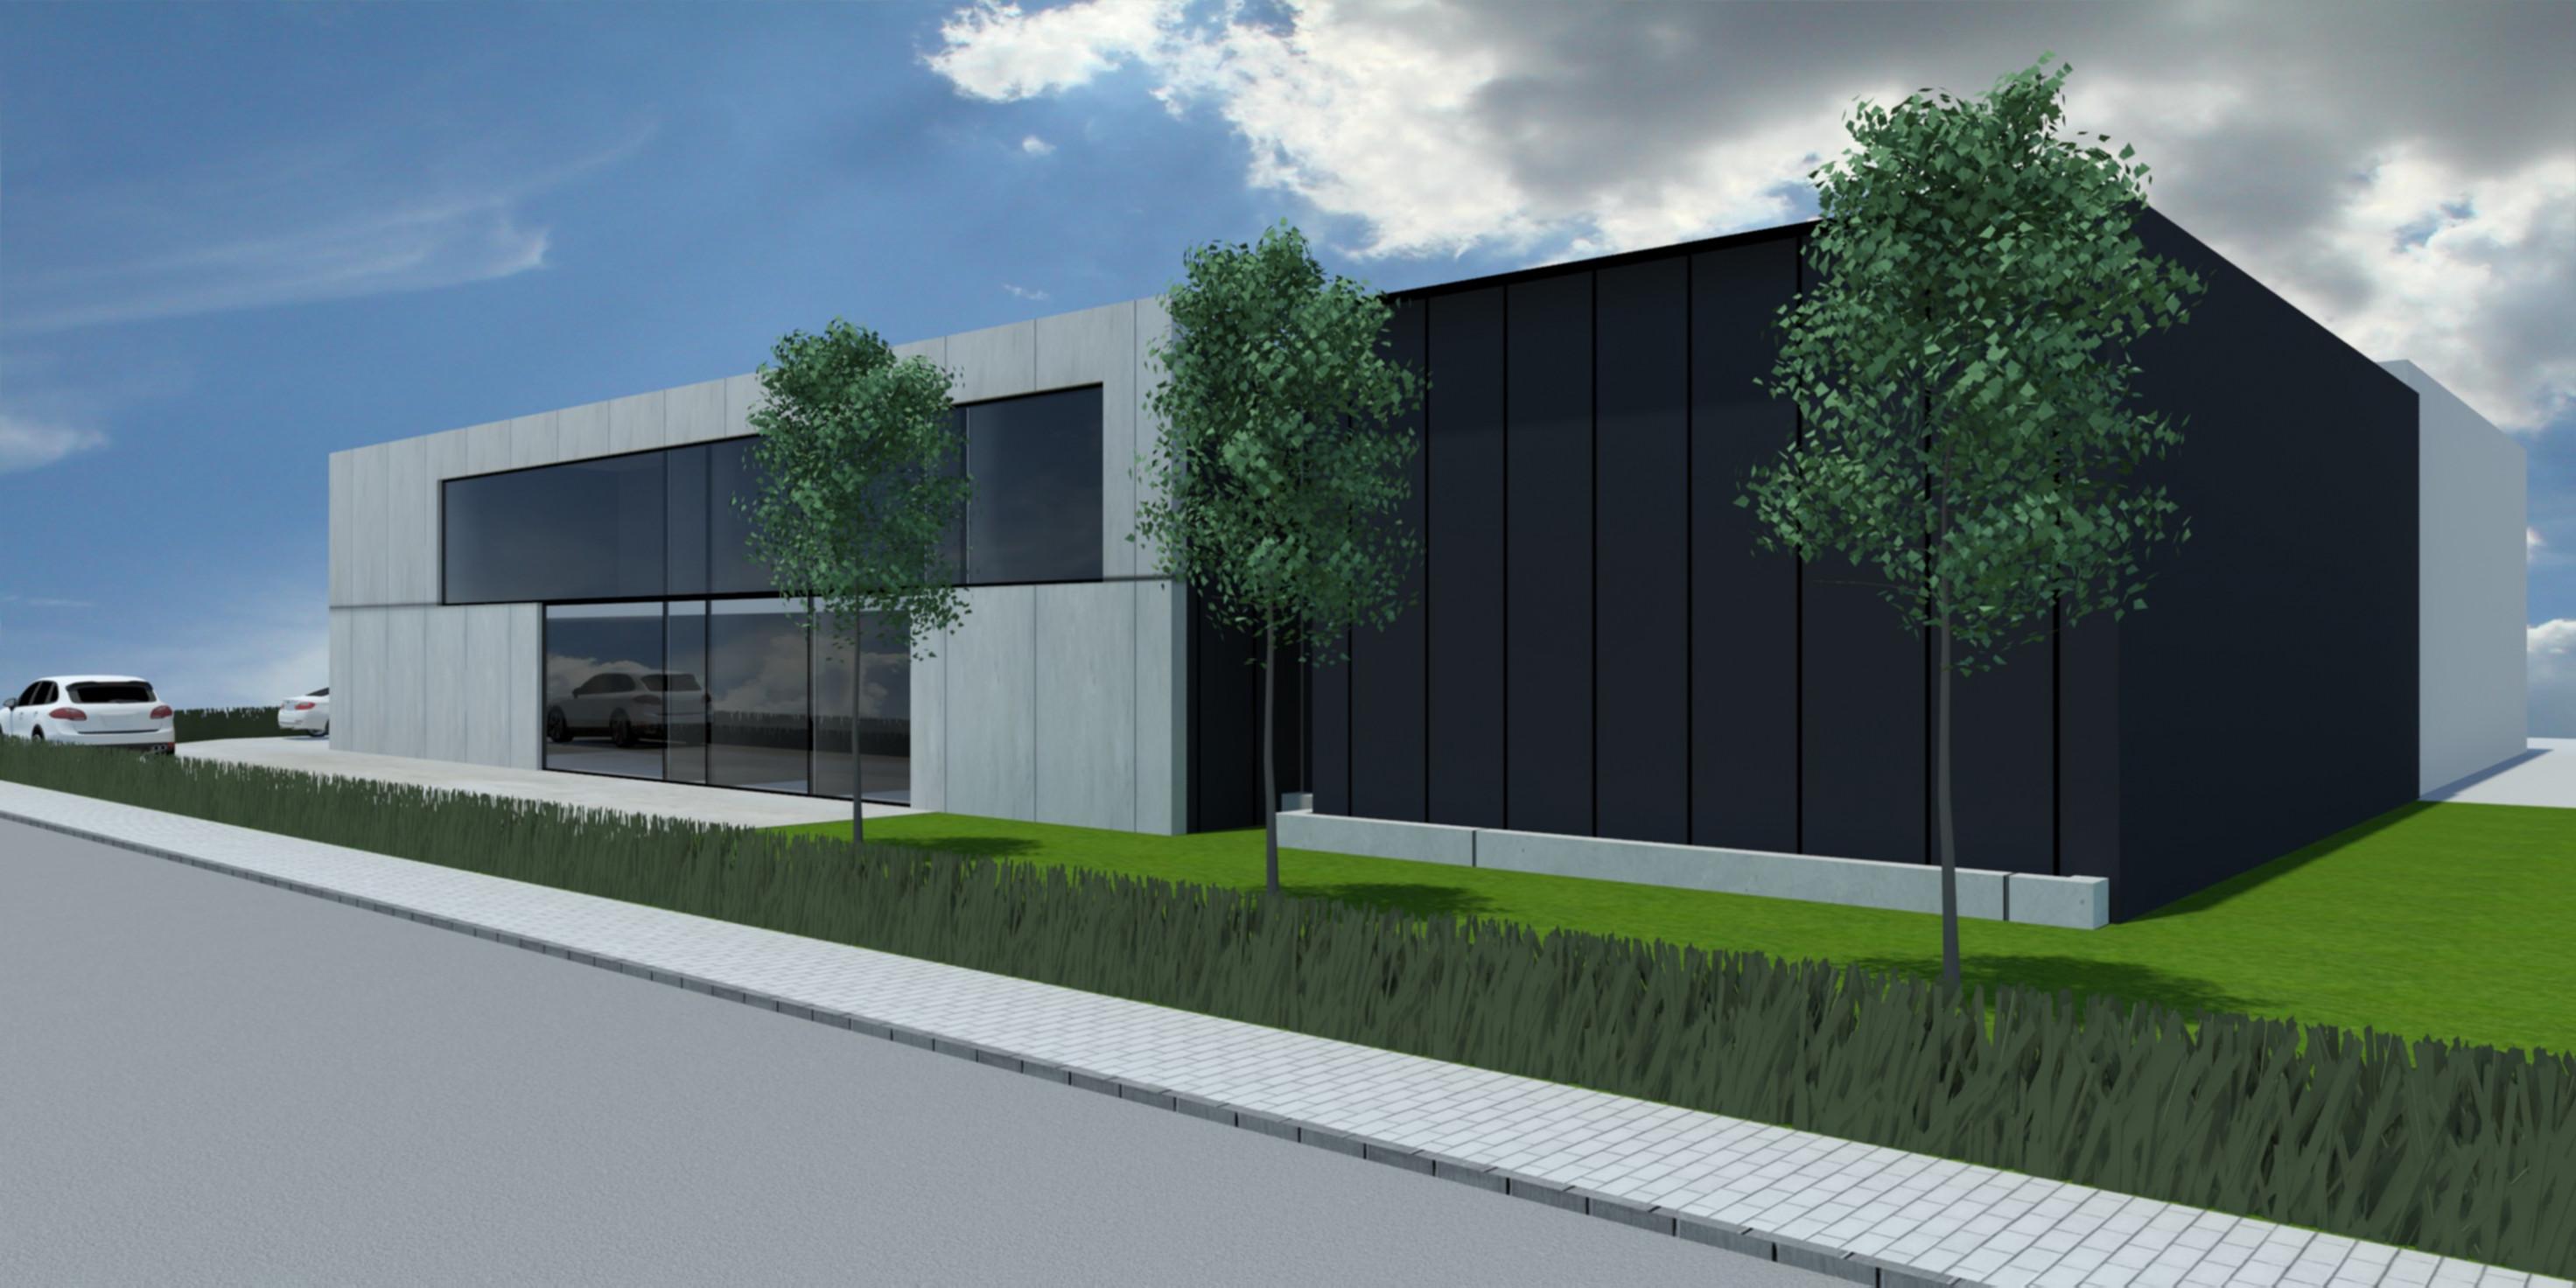 Andries - ASD - nouveau bâtiment